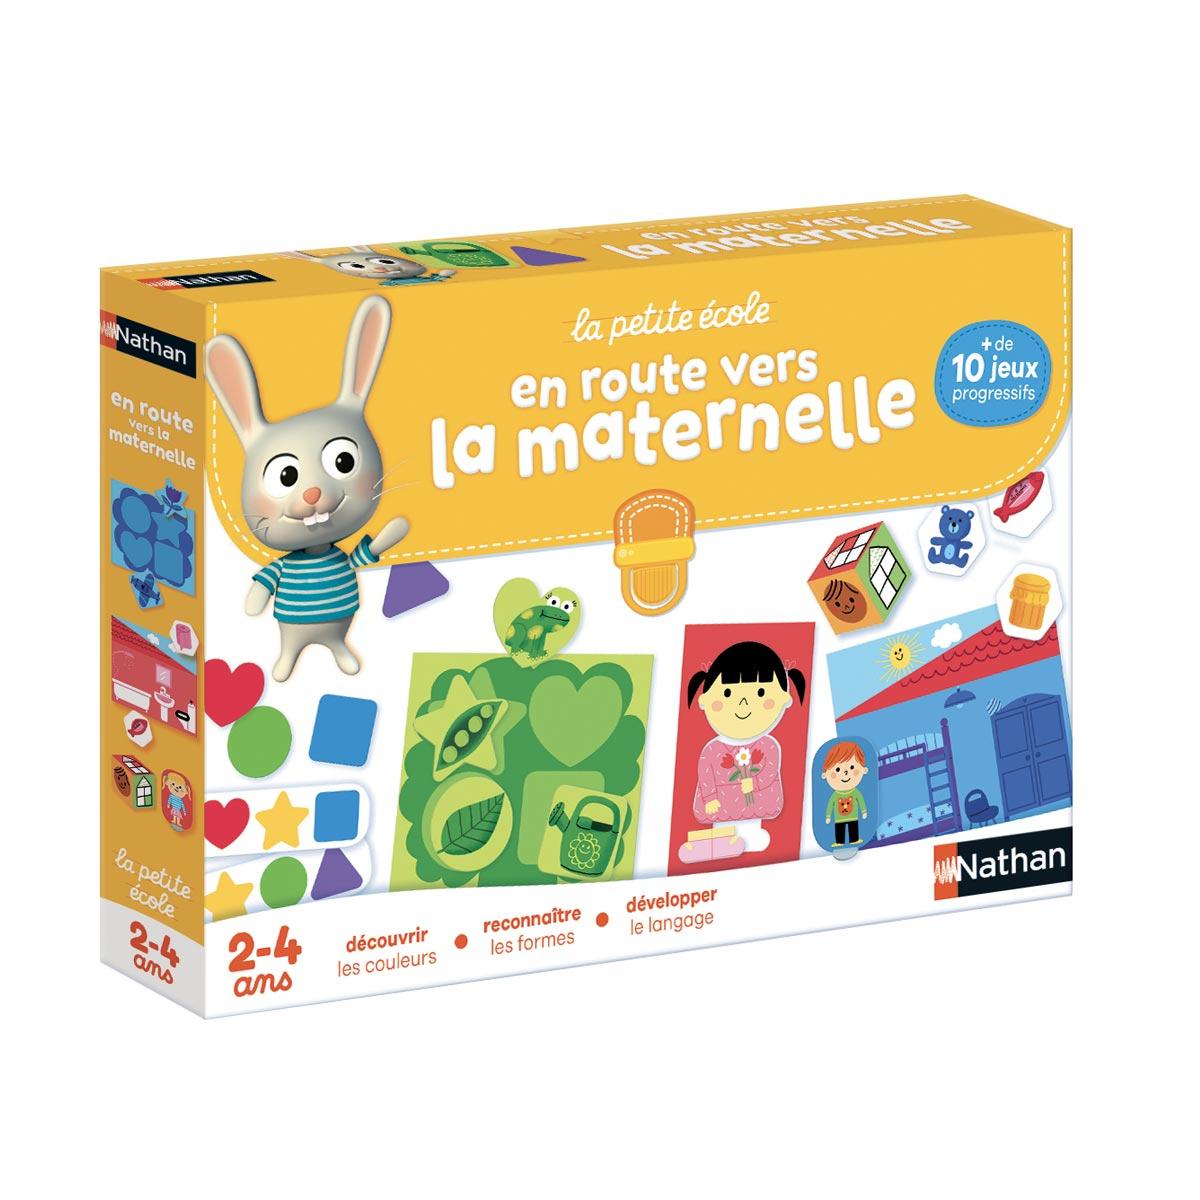 Coffret De Jeux En Route Vers La Maternelle tout Jeux D Apprentissage Maternelle